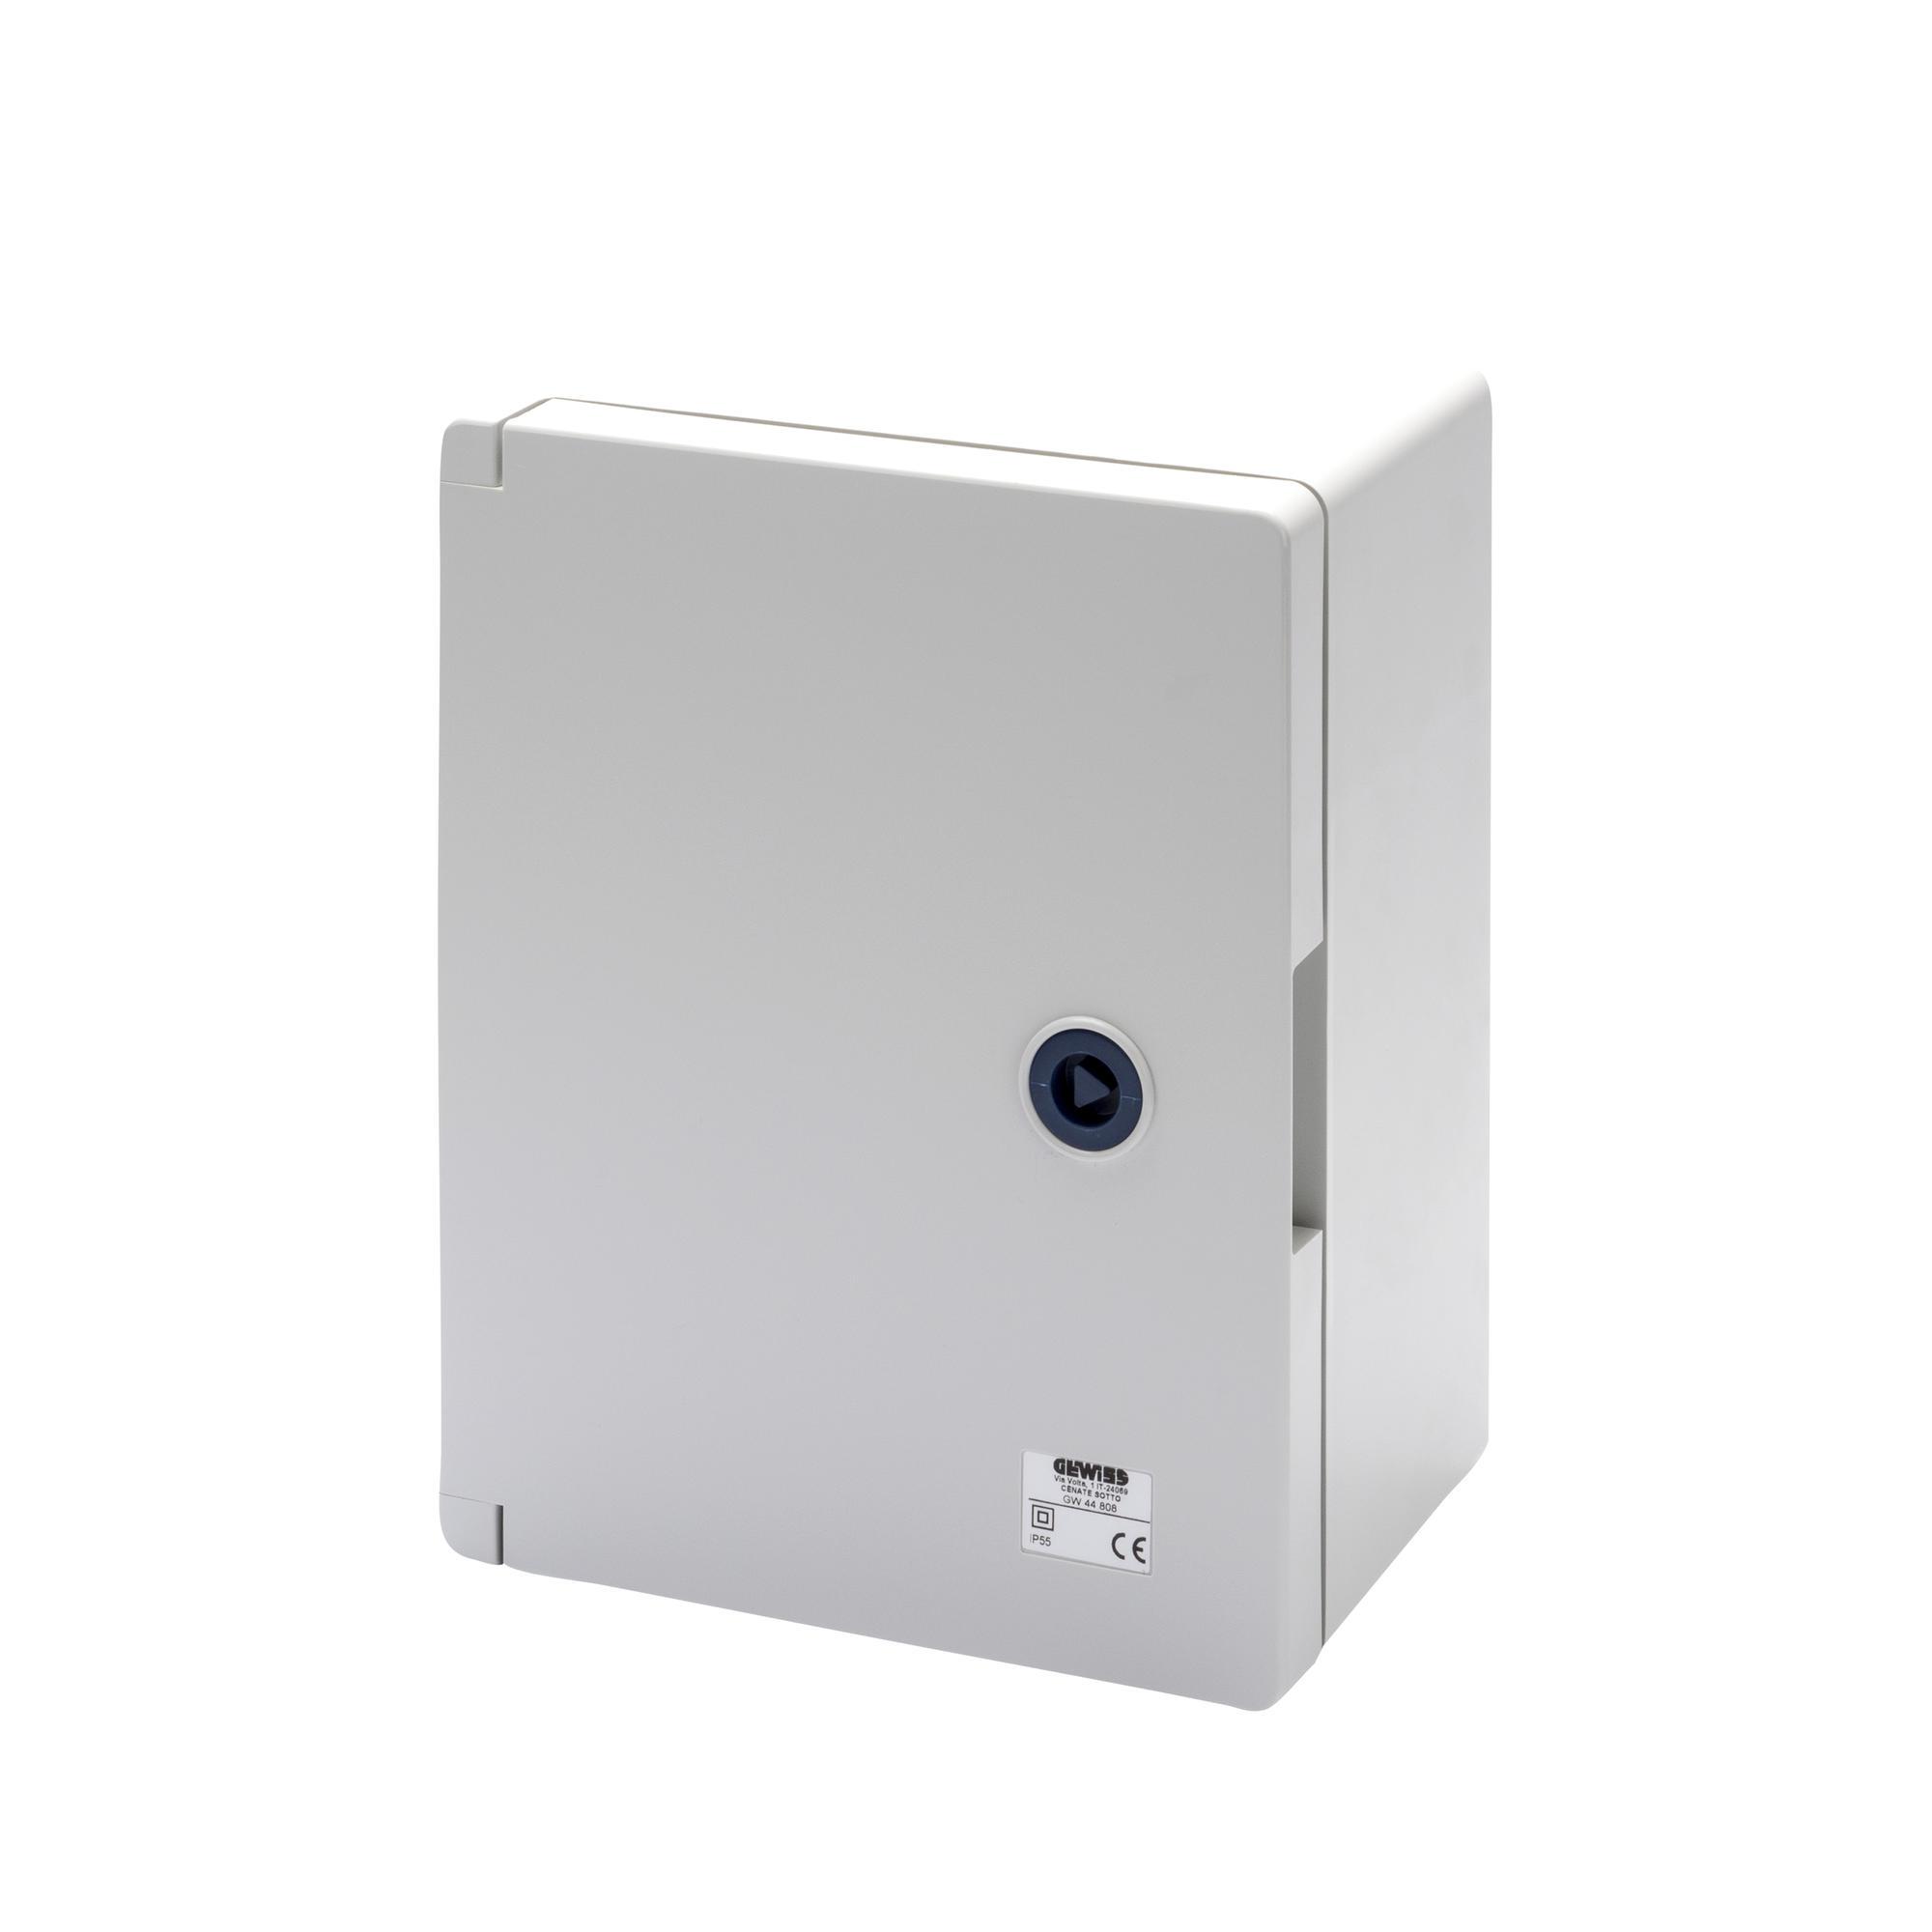 GEWISS ตู้GW44809 (300x250x135)เพลท